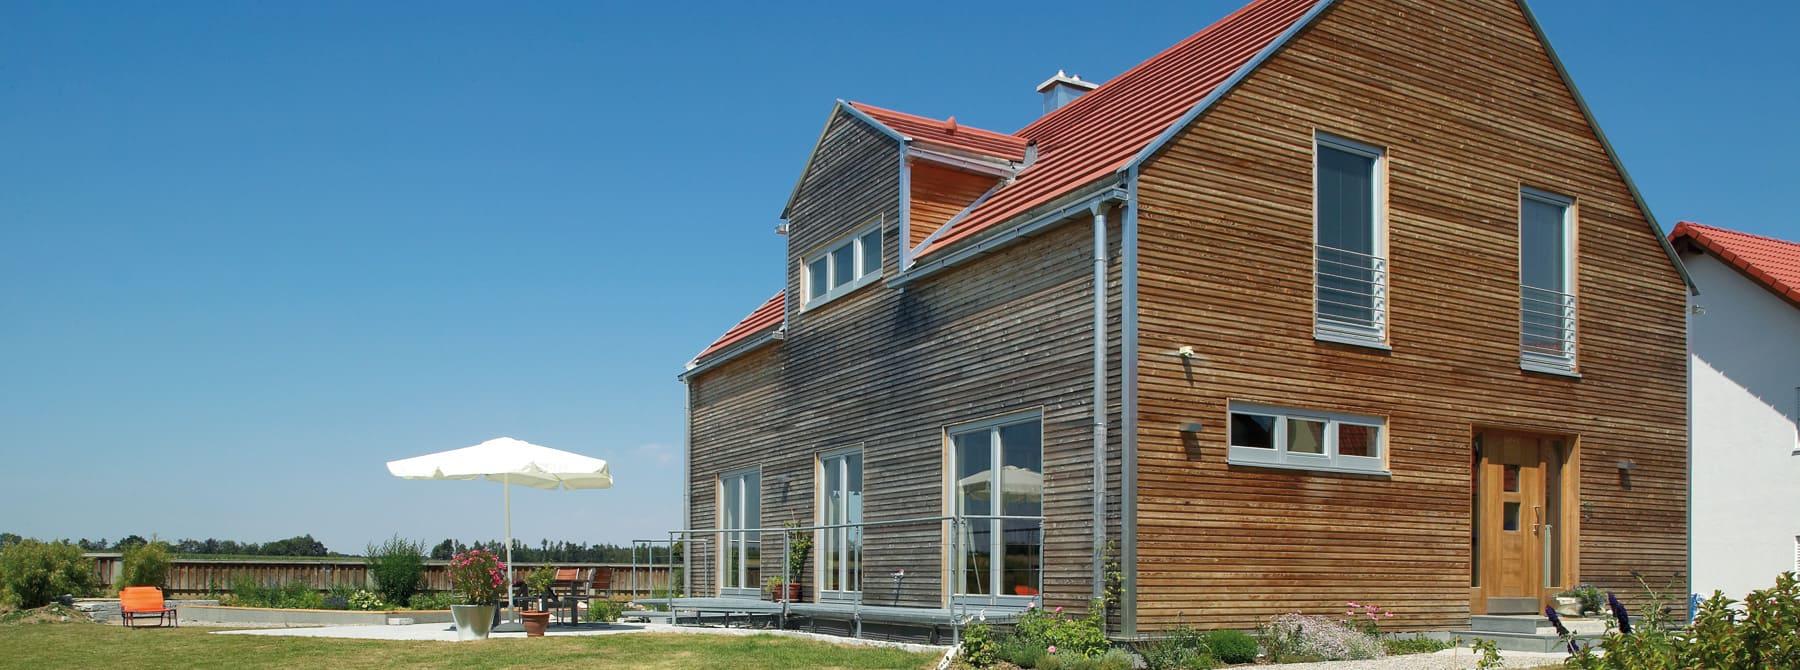 Moderne holzhäuser architektur  Moderne energieeffiziente Holzhäuser aus Bayern - Sonnleitner.de ...